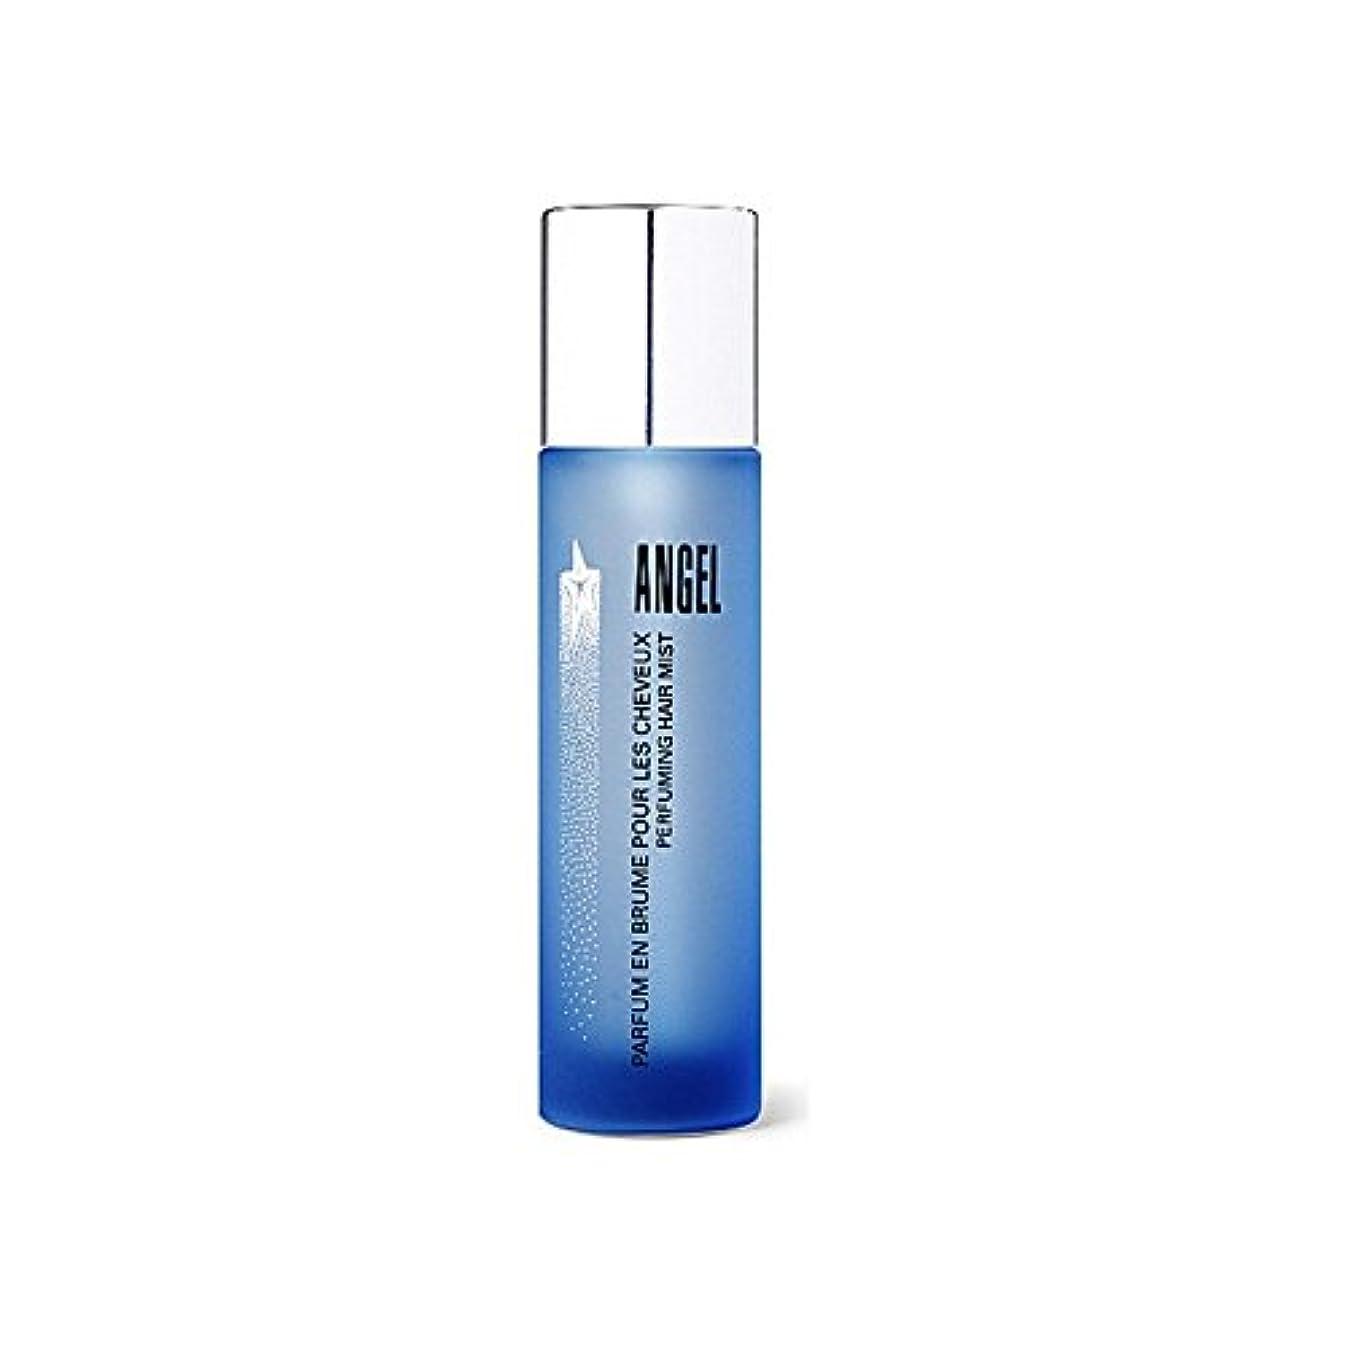 重さ硫黄クレデンシャルティエリーミュグレーエンジェル香料ヘアミスト30ミリリットル x2 - Thierry Mugler Angel Perfuming Hair Mist 30ml (Pack of 2) [並行輸入品]